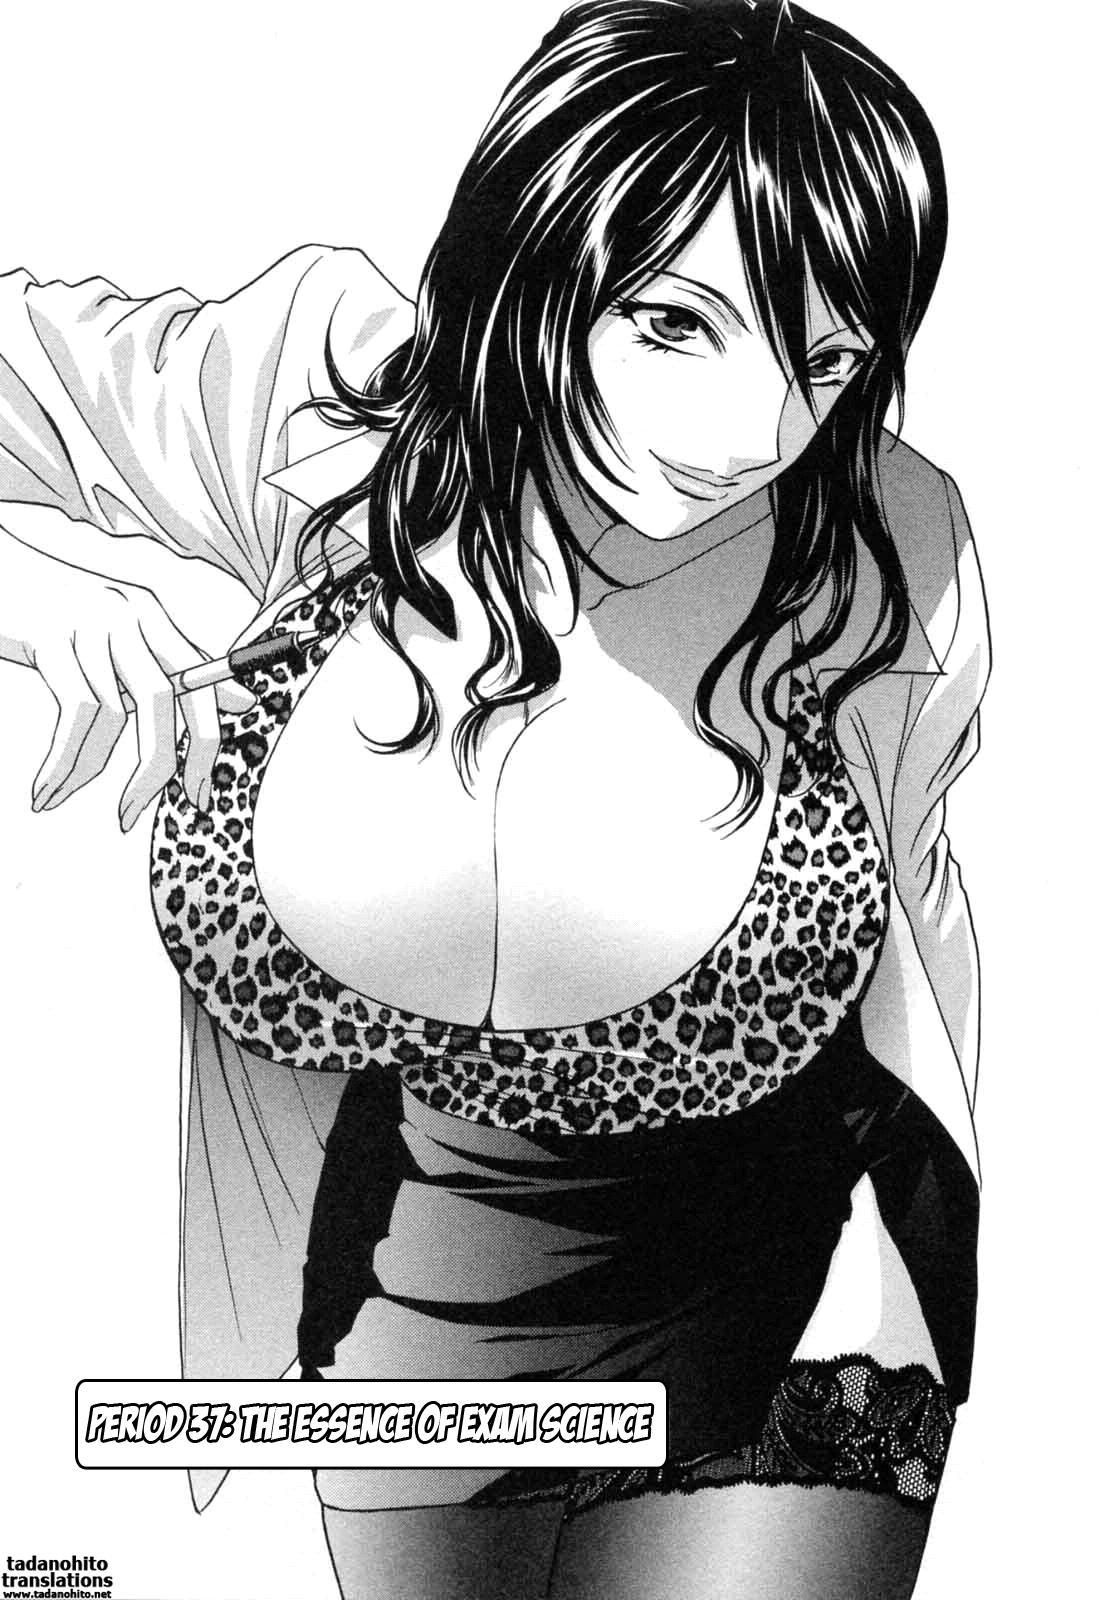 [Hidemaru] Mo-Retsu! Boin Sensei (Boing Boing Teacher) Vol.5 [English] [4dawgz] [Tadanohito] 9